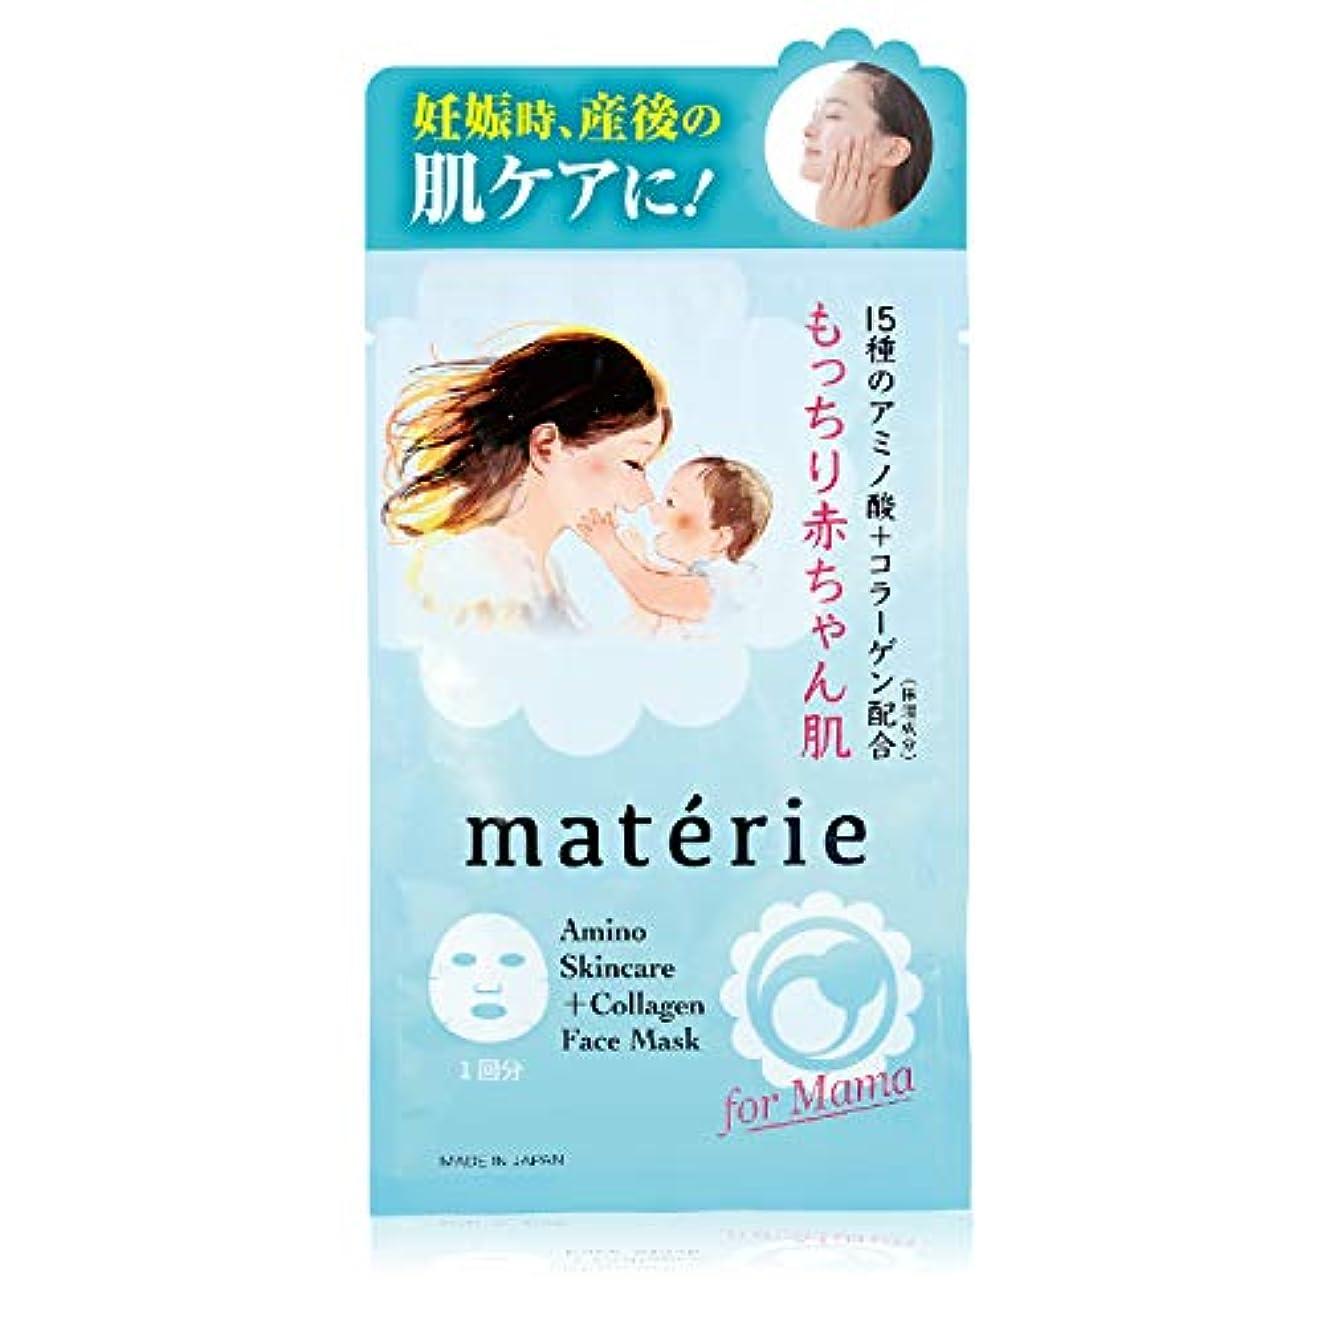 腹痛気候政権materie マタニティ 妊婦 フェイスマスク 敏感肌 乾燥肌 無添加 高保湿 低刺激 フェイスパック シートマスク マテリエ 1枚入